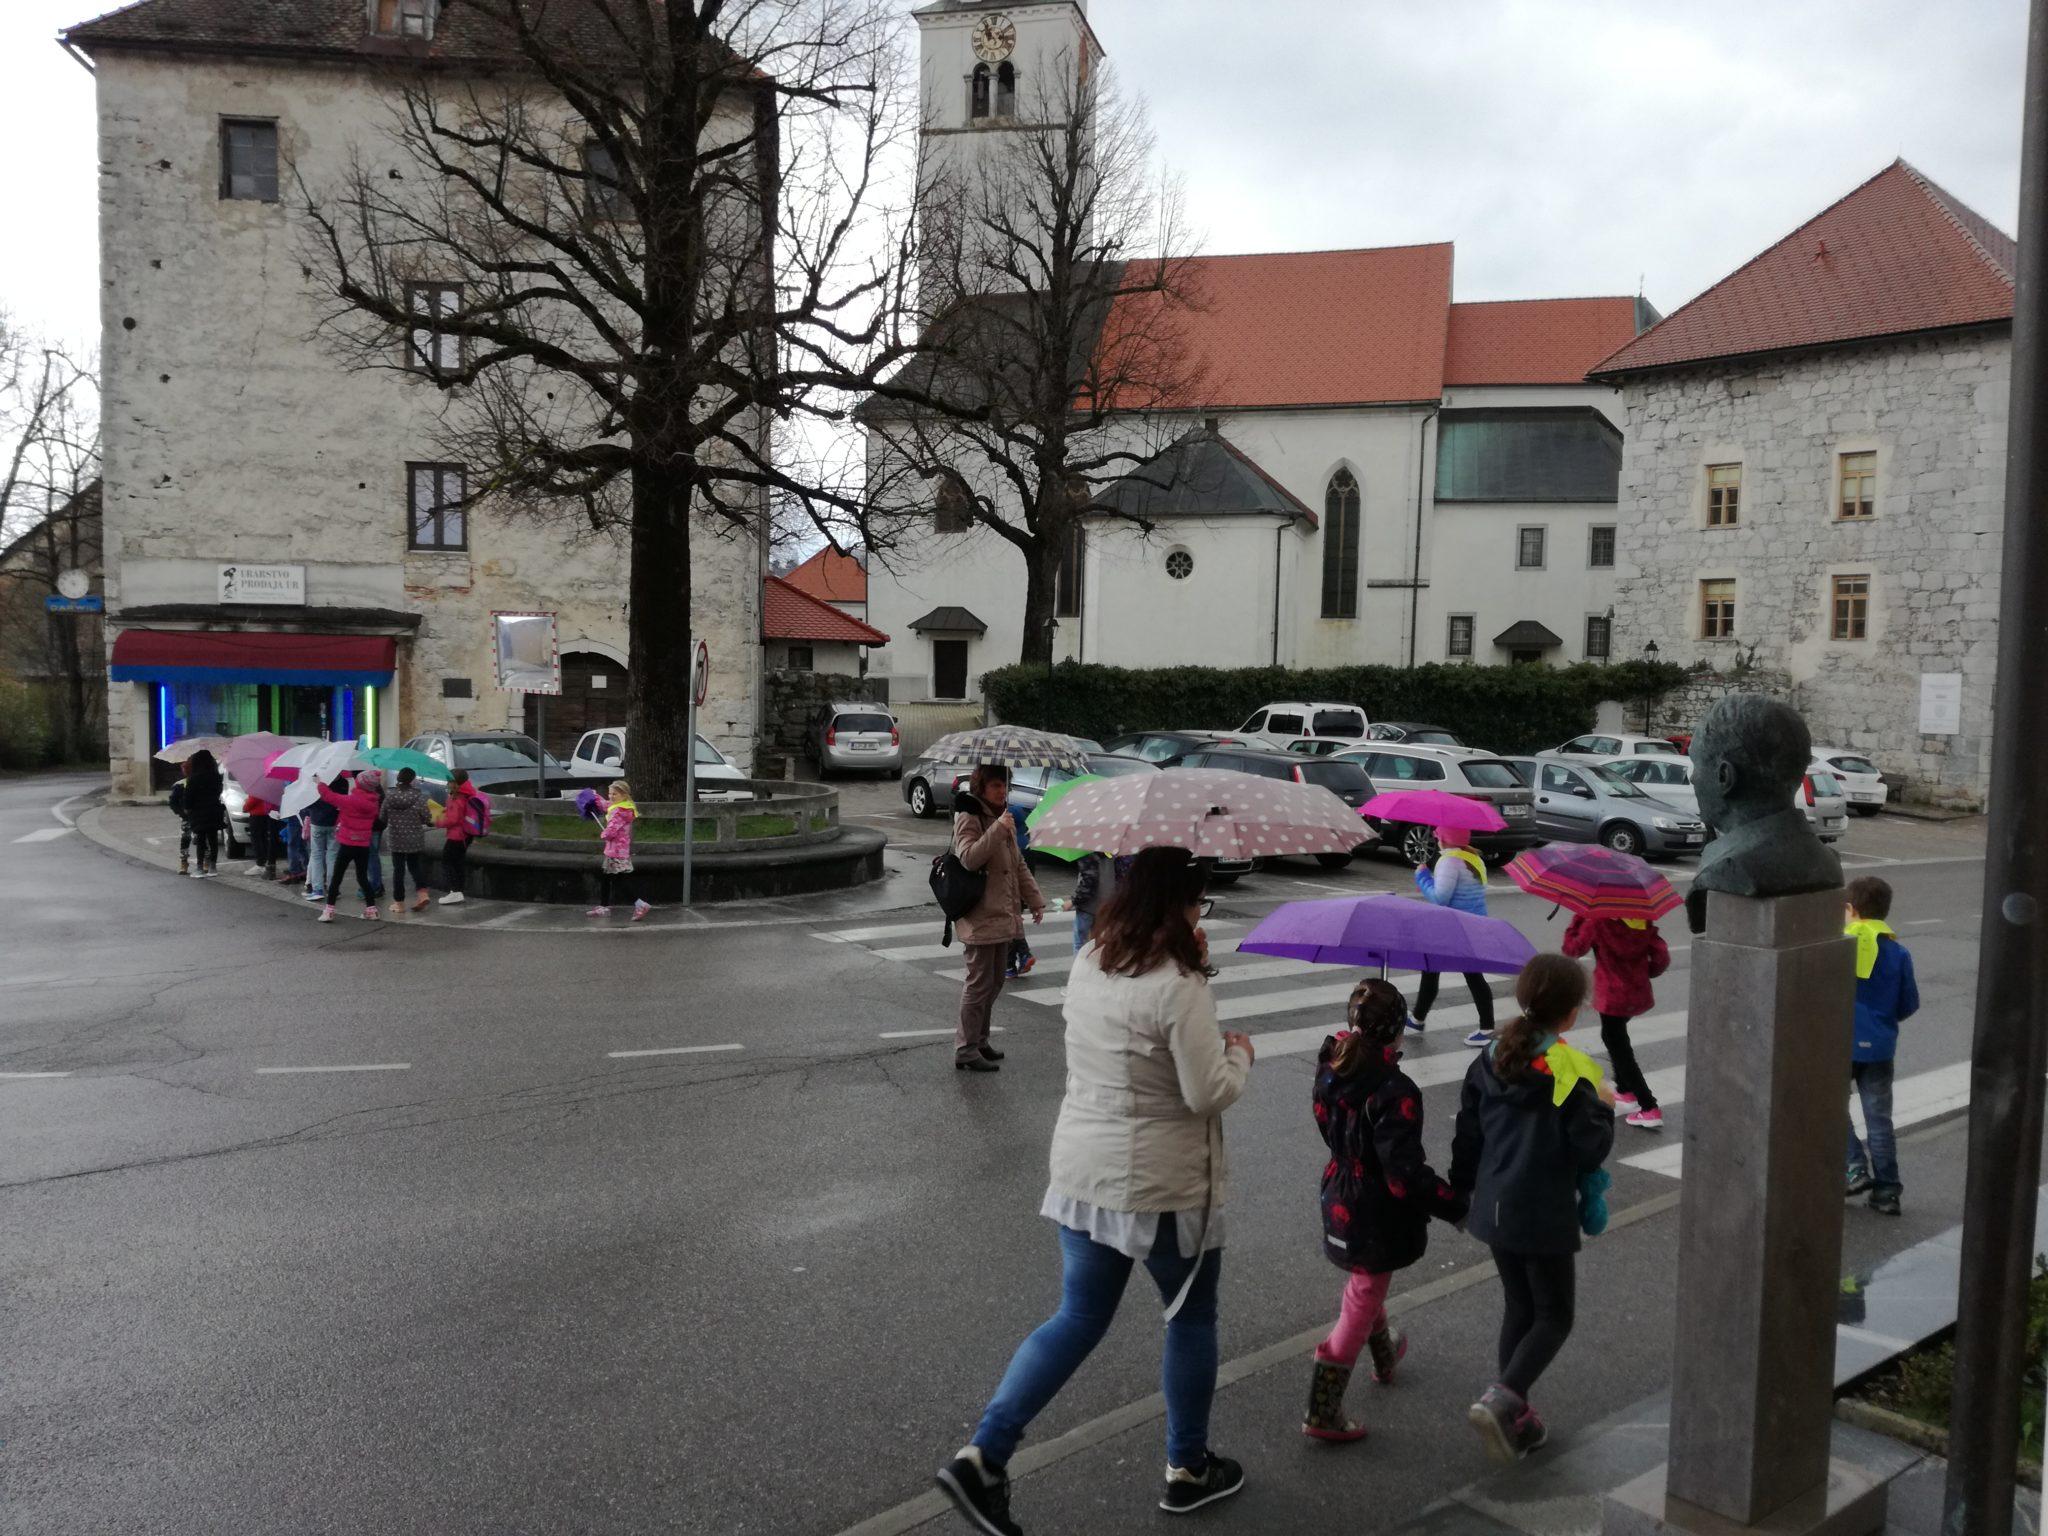 foto 2. r z dežniki - Drugarji na obisku knjižnice